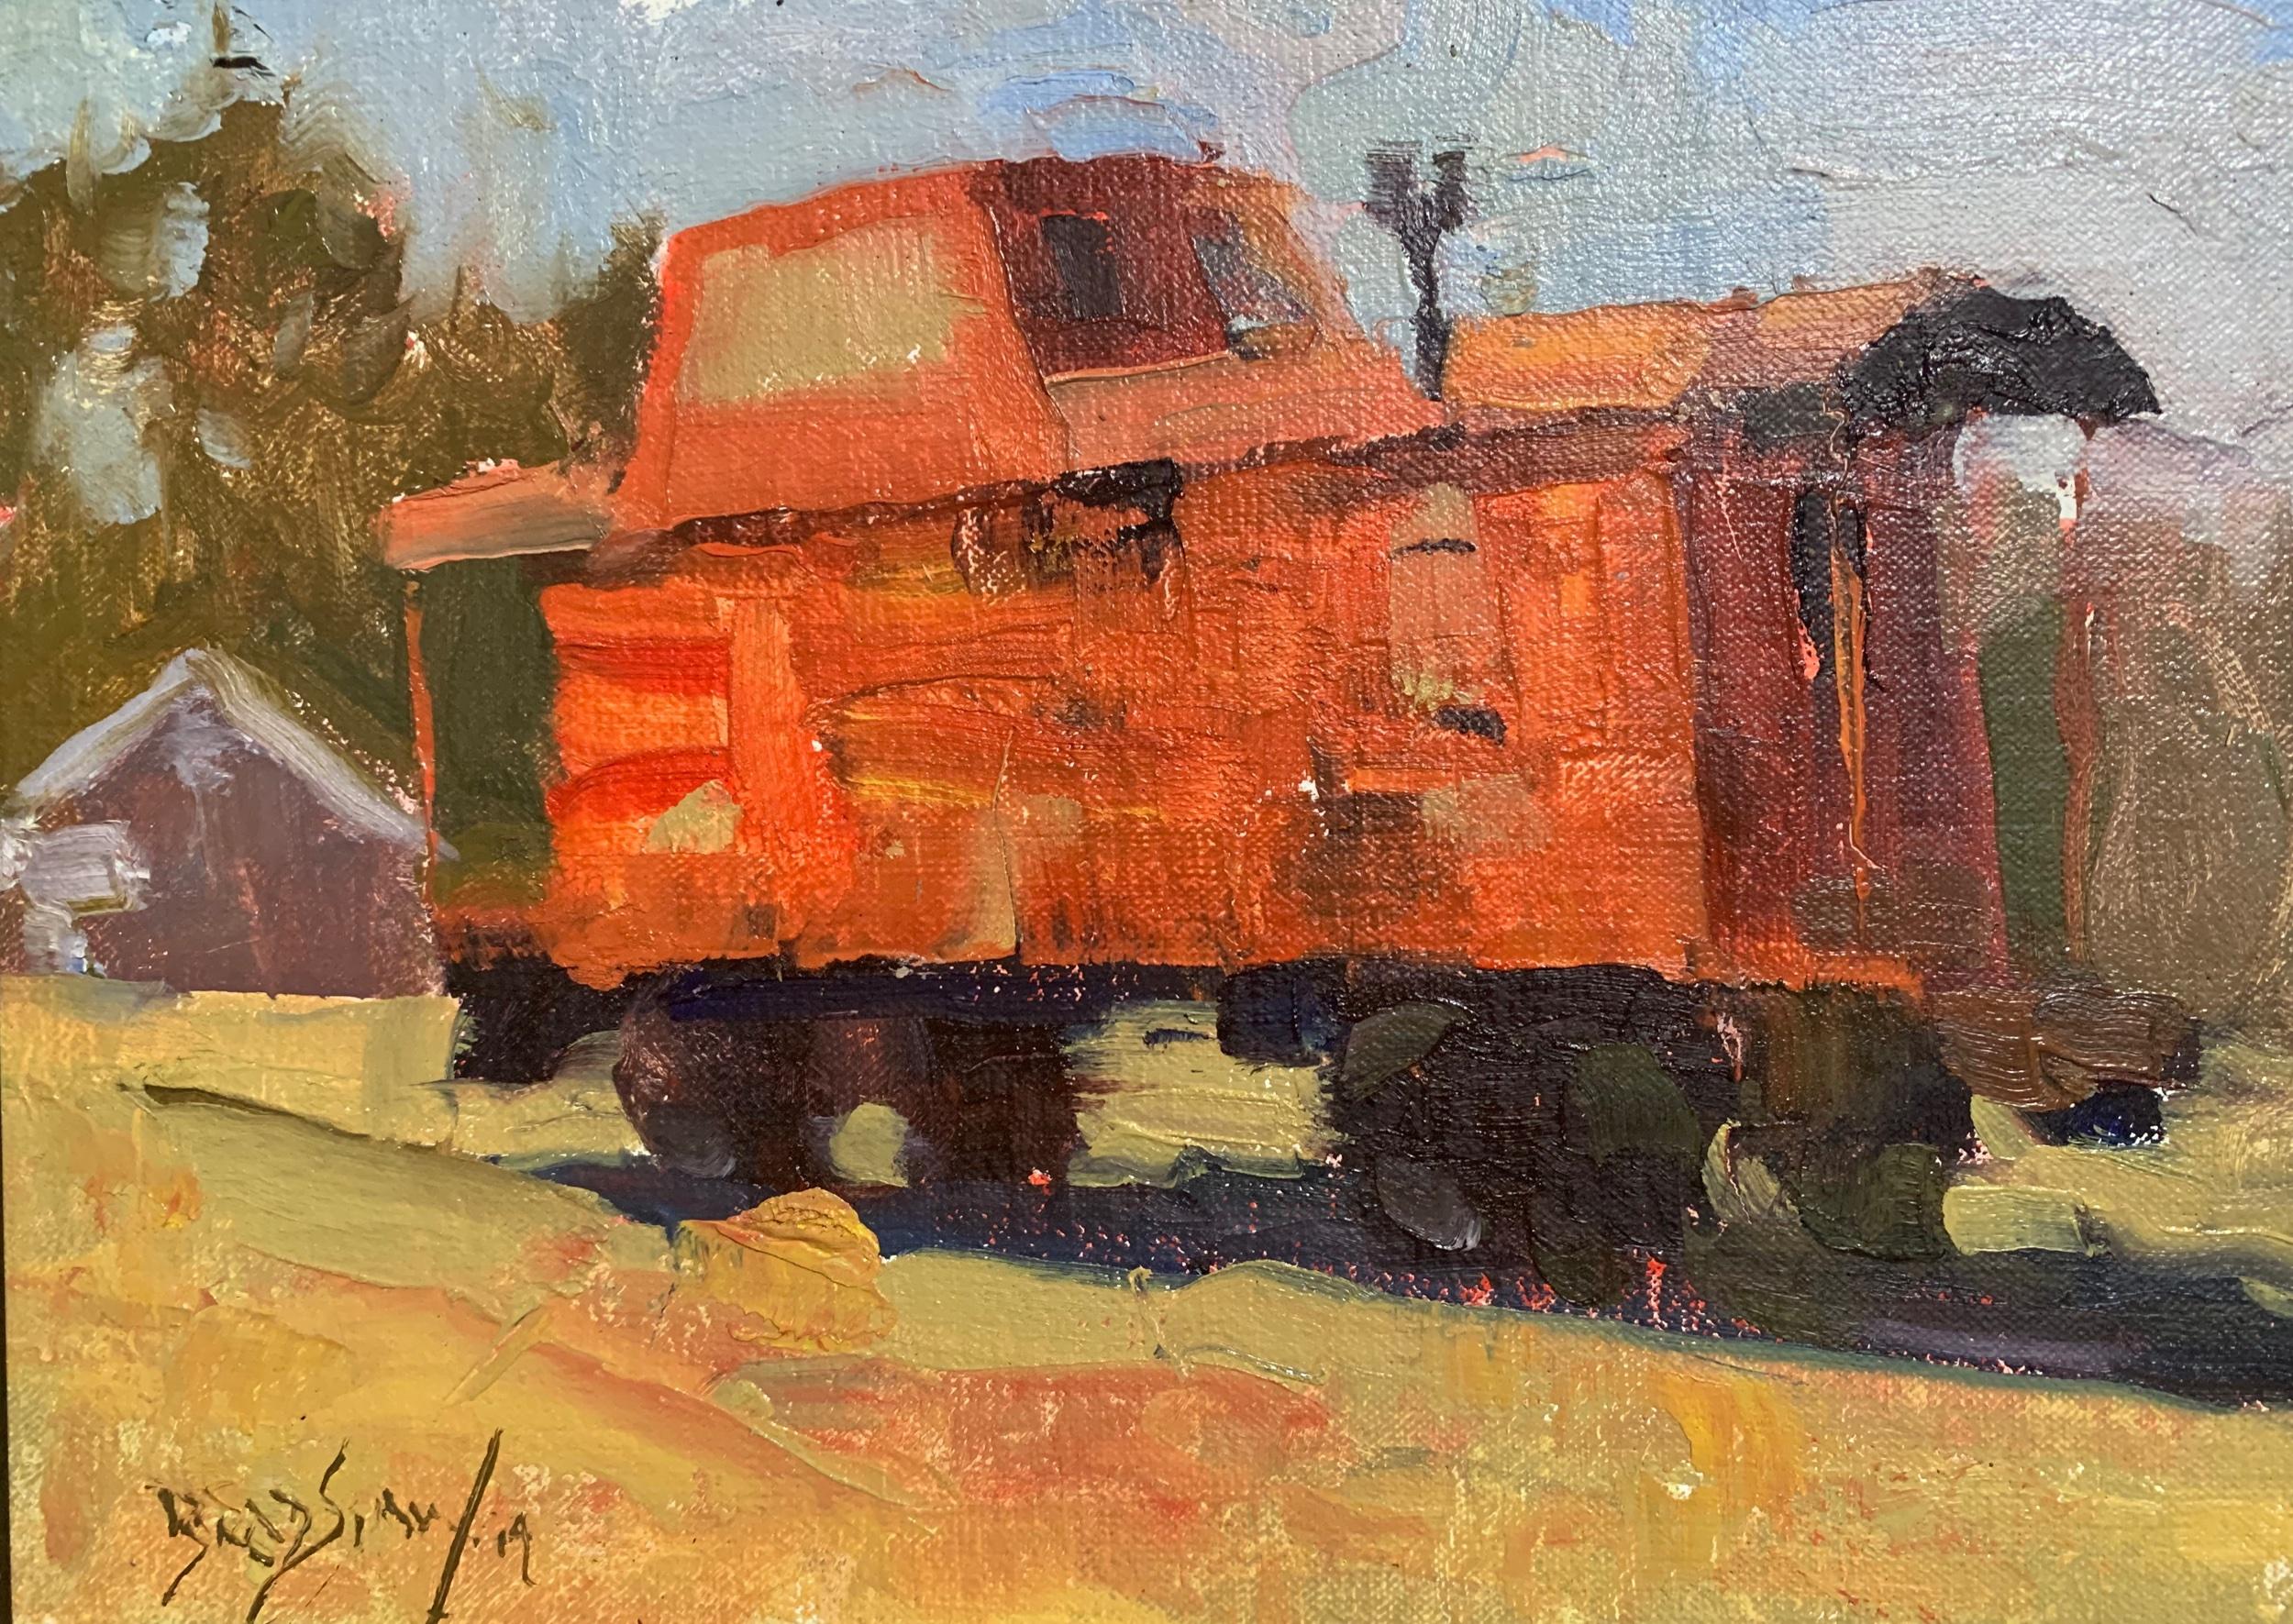 Thomas Bradshaw's caboose painting